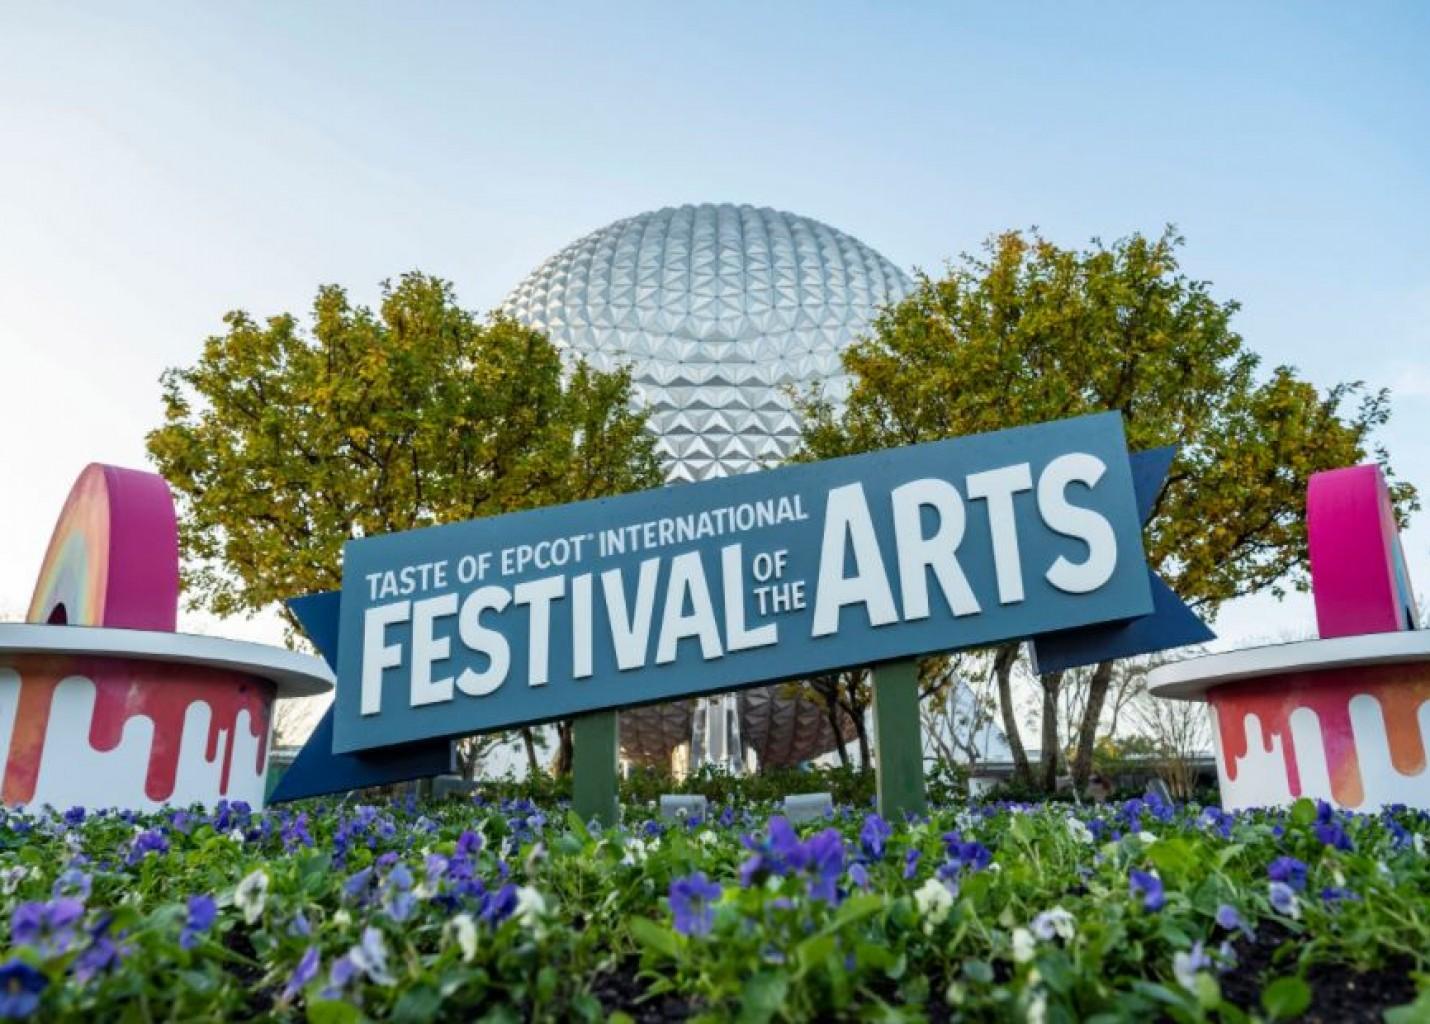 Disney recebe 'Taste of Epcot International Festival' até 22 de fevereiro